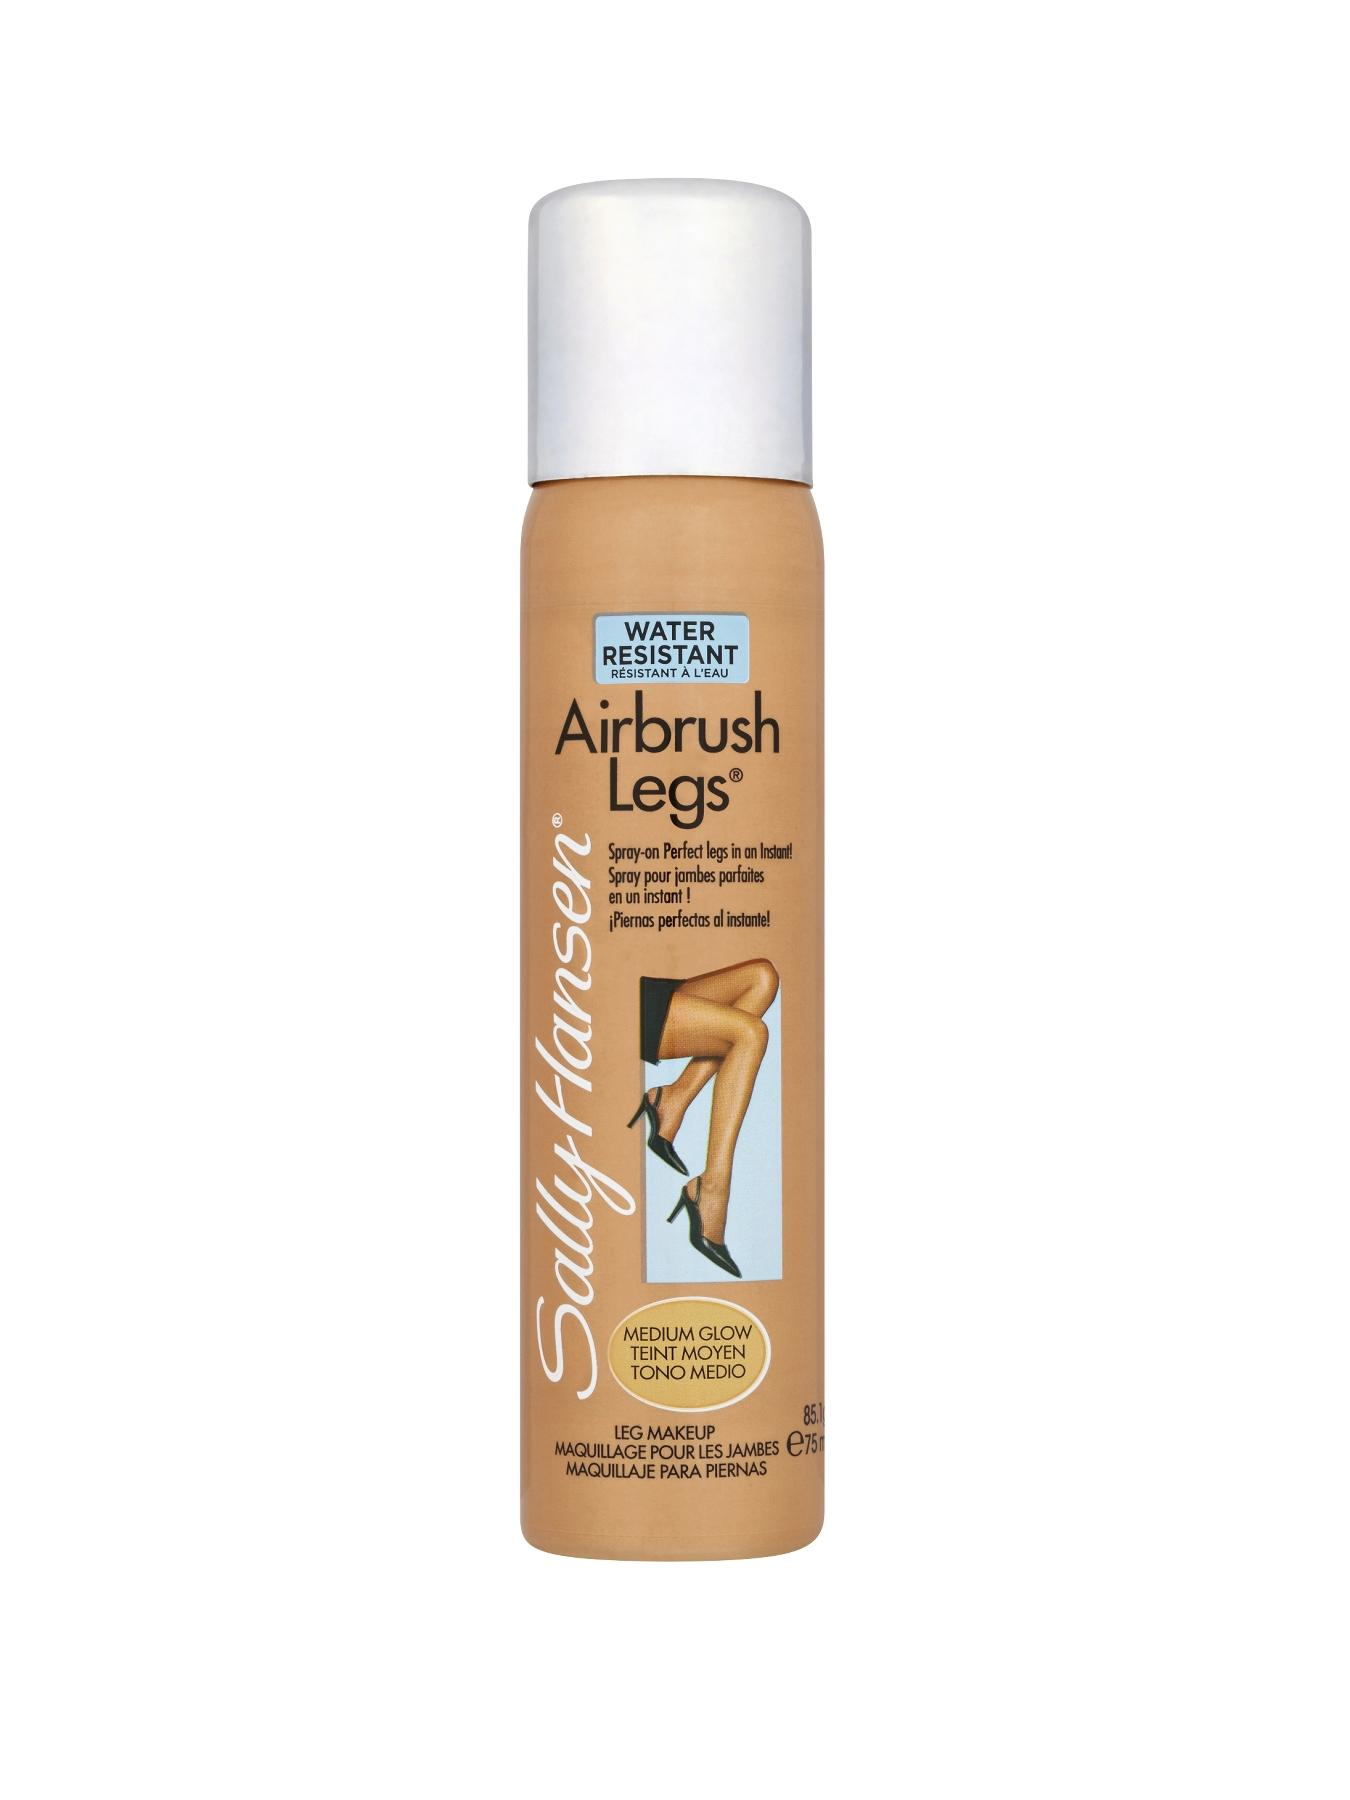 Airbrush Legs - Medium Glow.